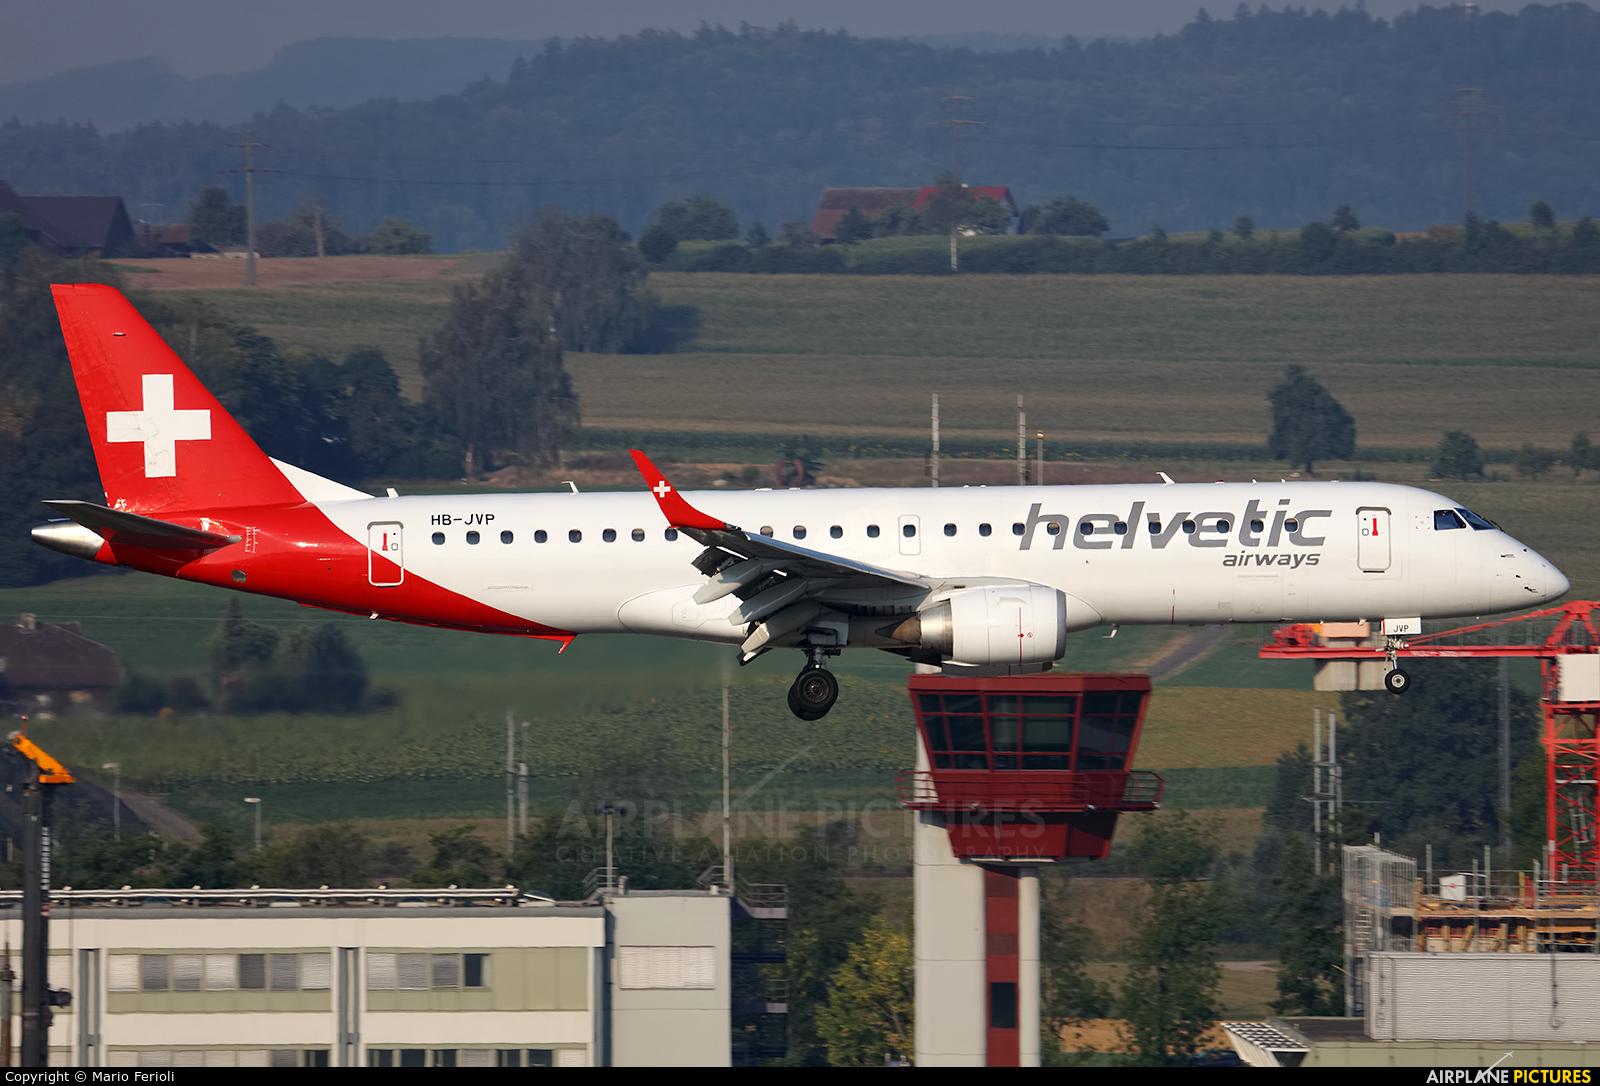 Helvetic Airways HB-JVP aircraft at Zurich